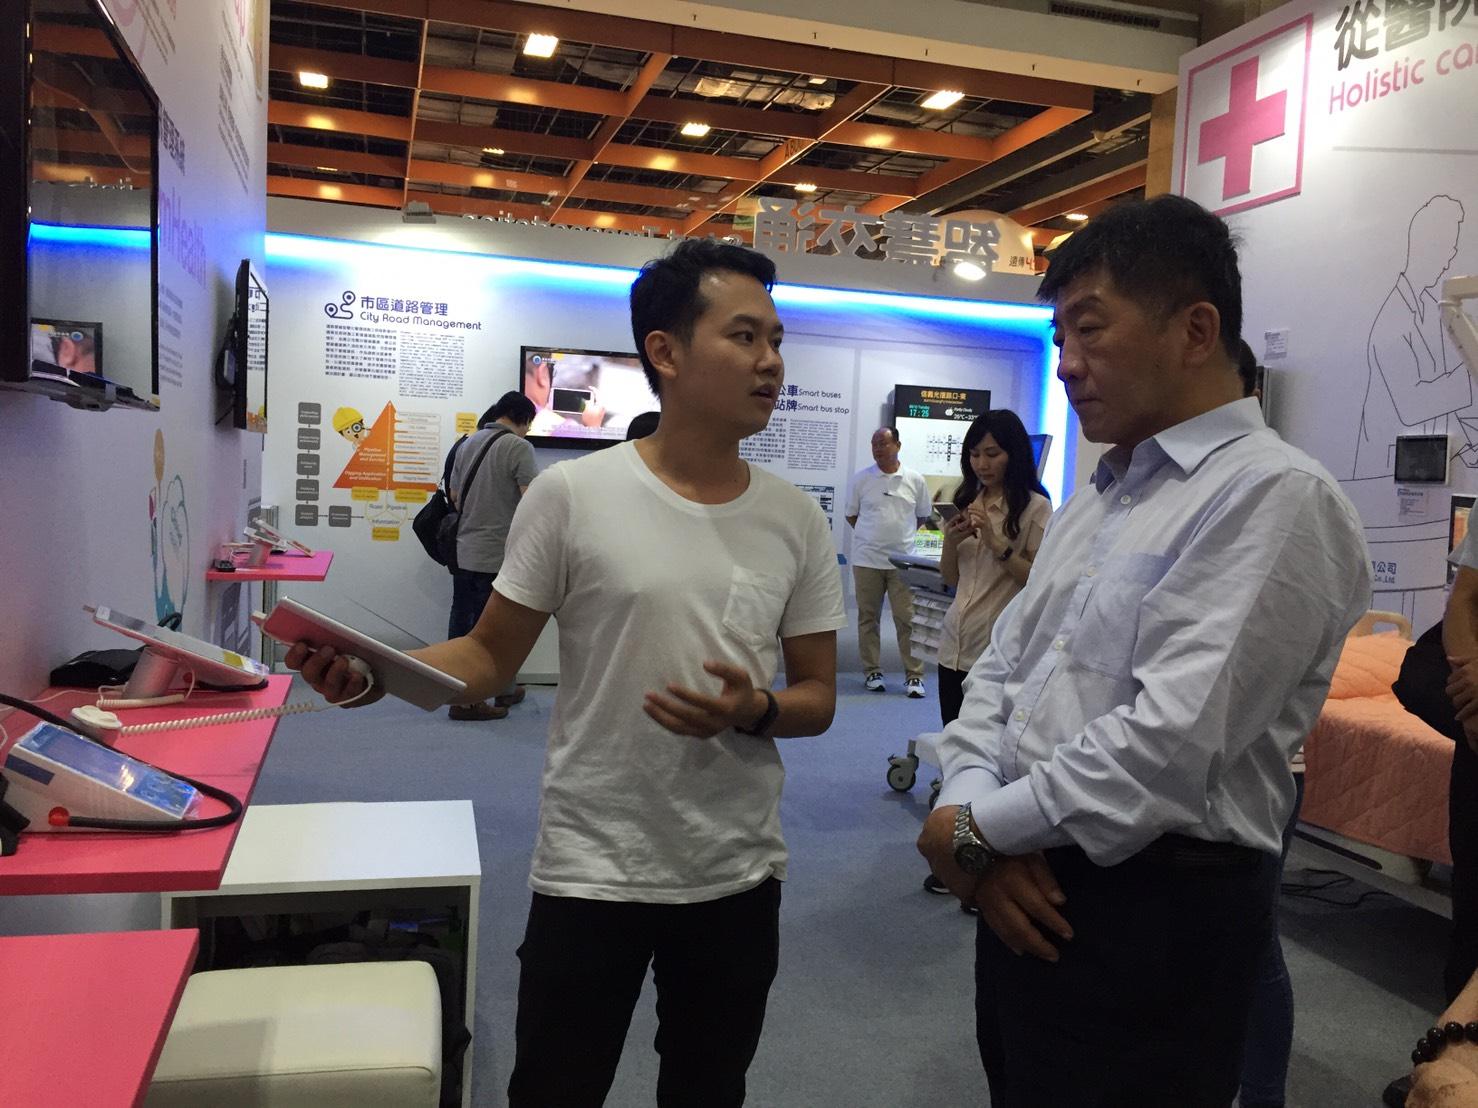 圖說:衛生福利部陳時中部長(圖右)參觀「亞洲新創台北」-智慧醫療展區。